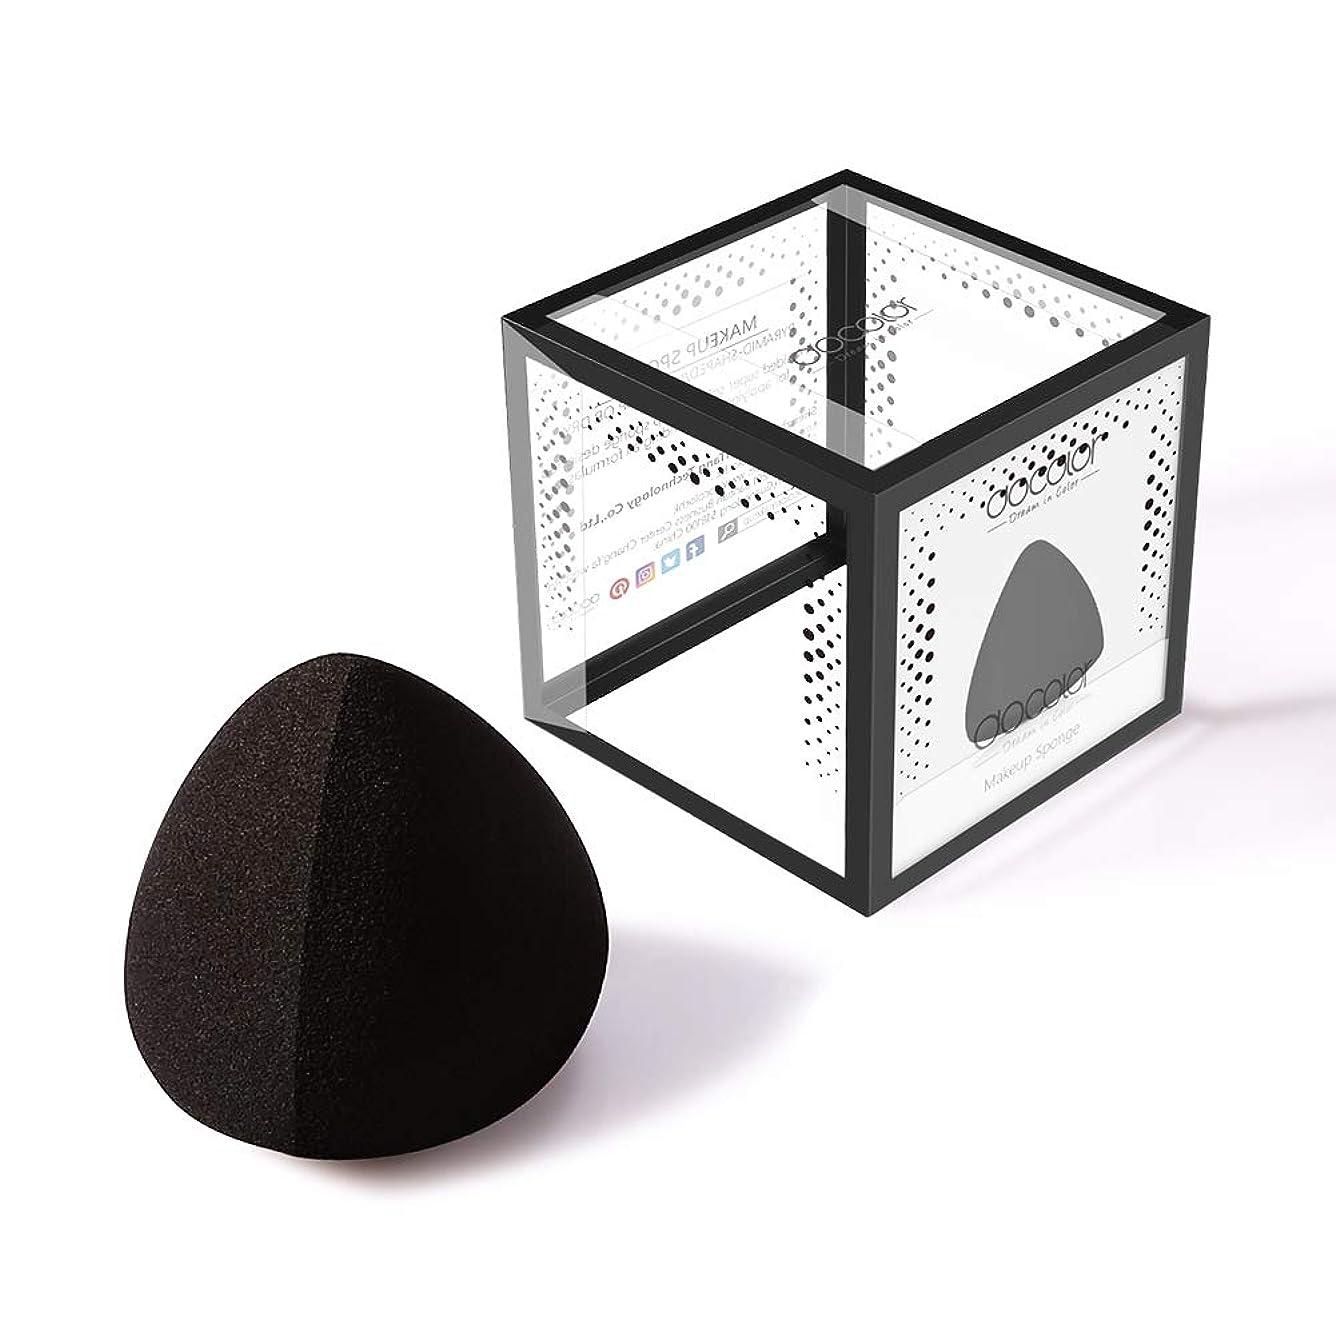 デッドロック煙メカニックDocolor 多機能メイク用スポンジパフ (ブラック)